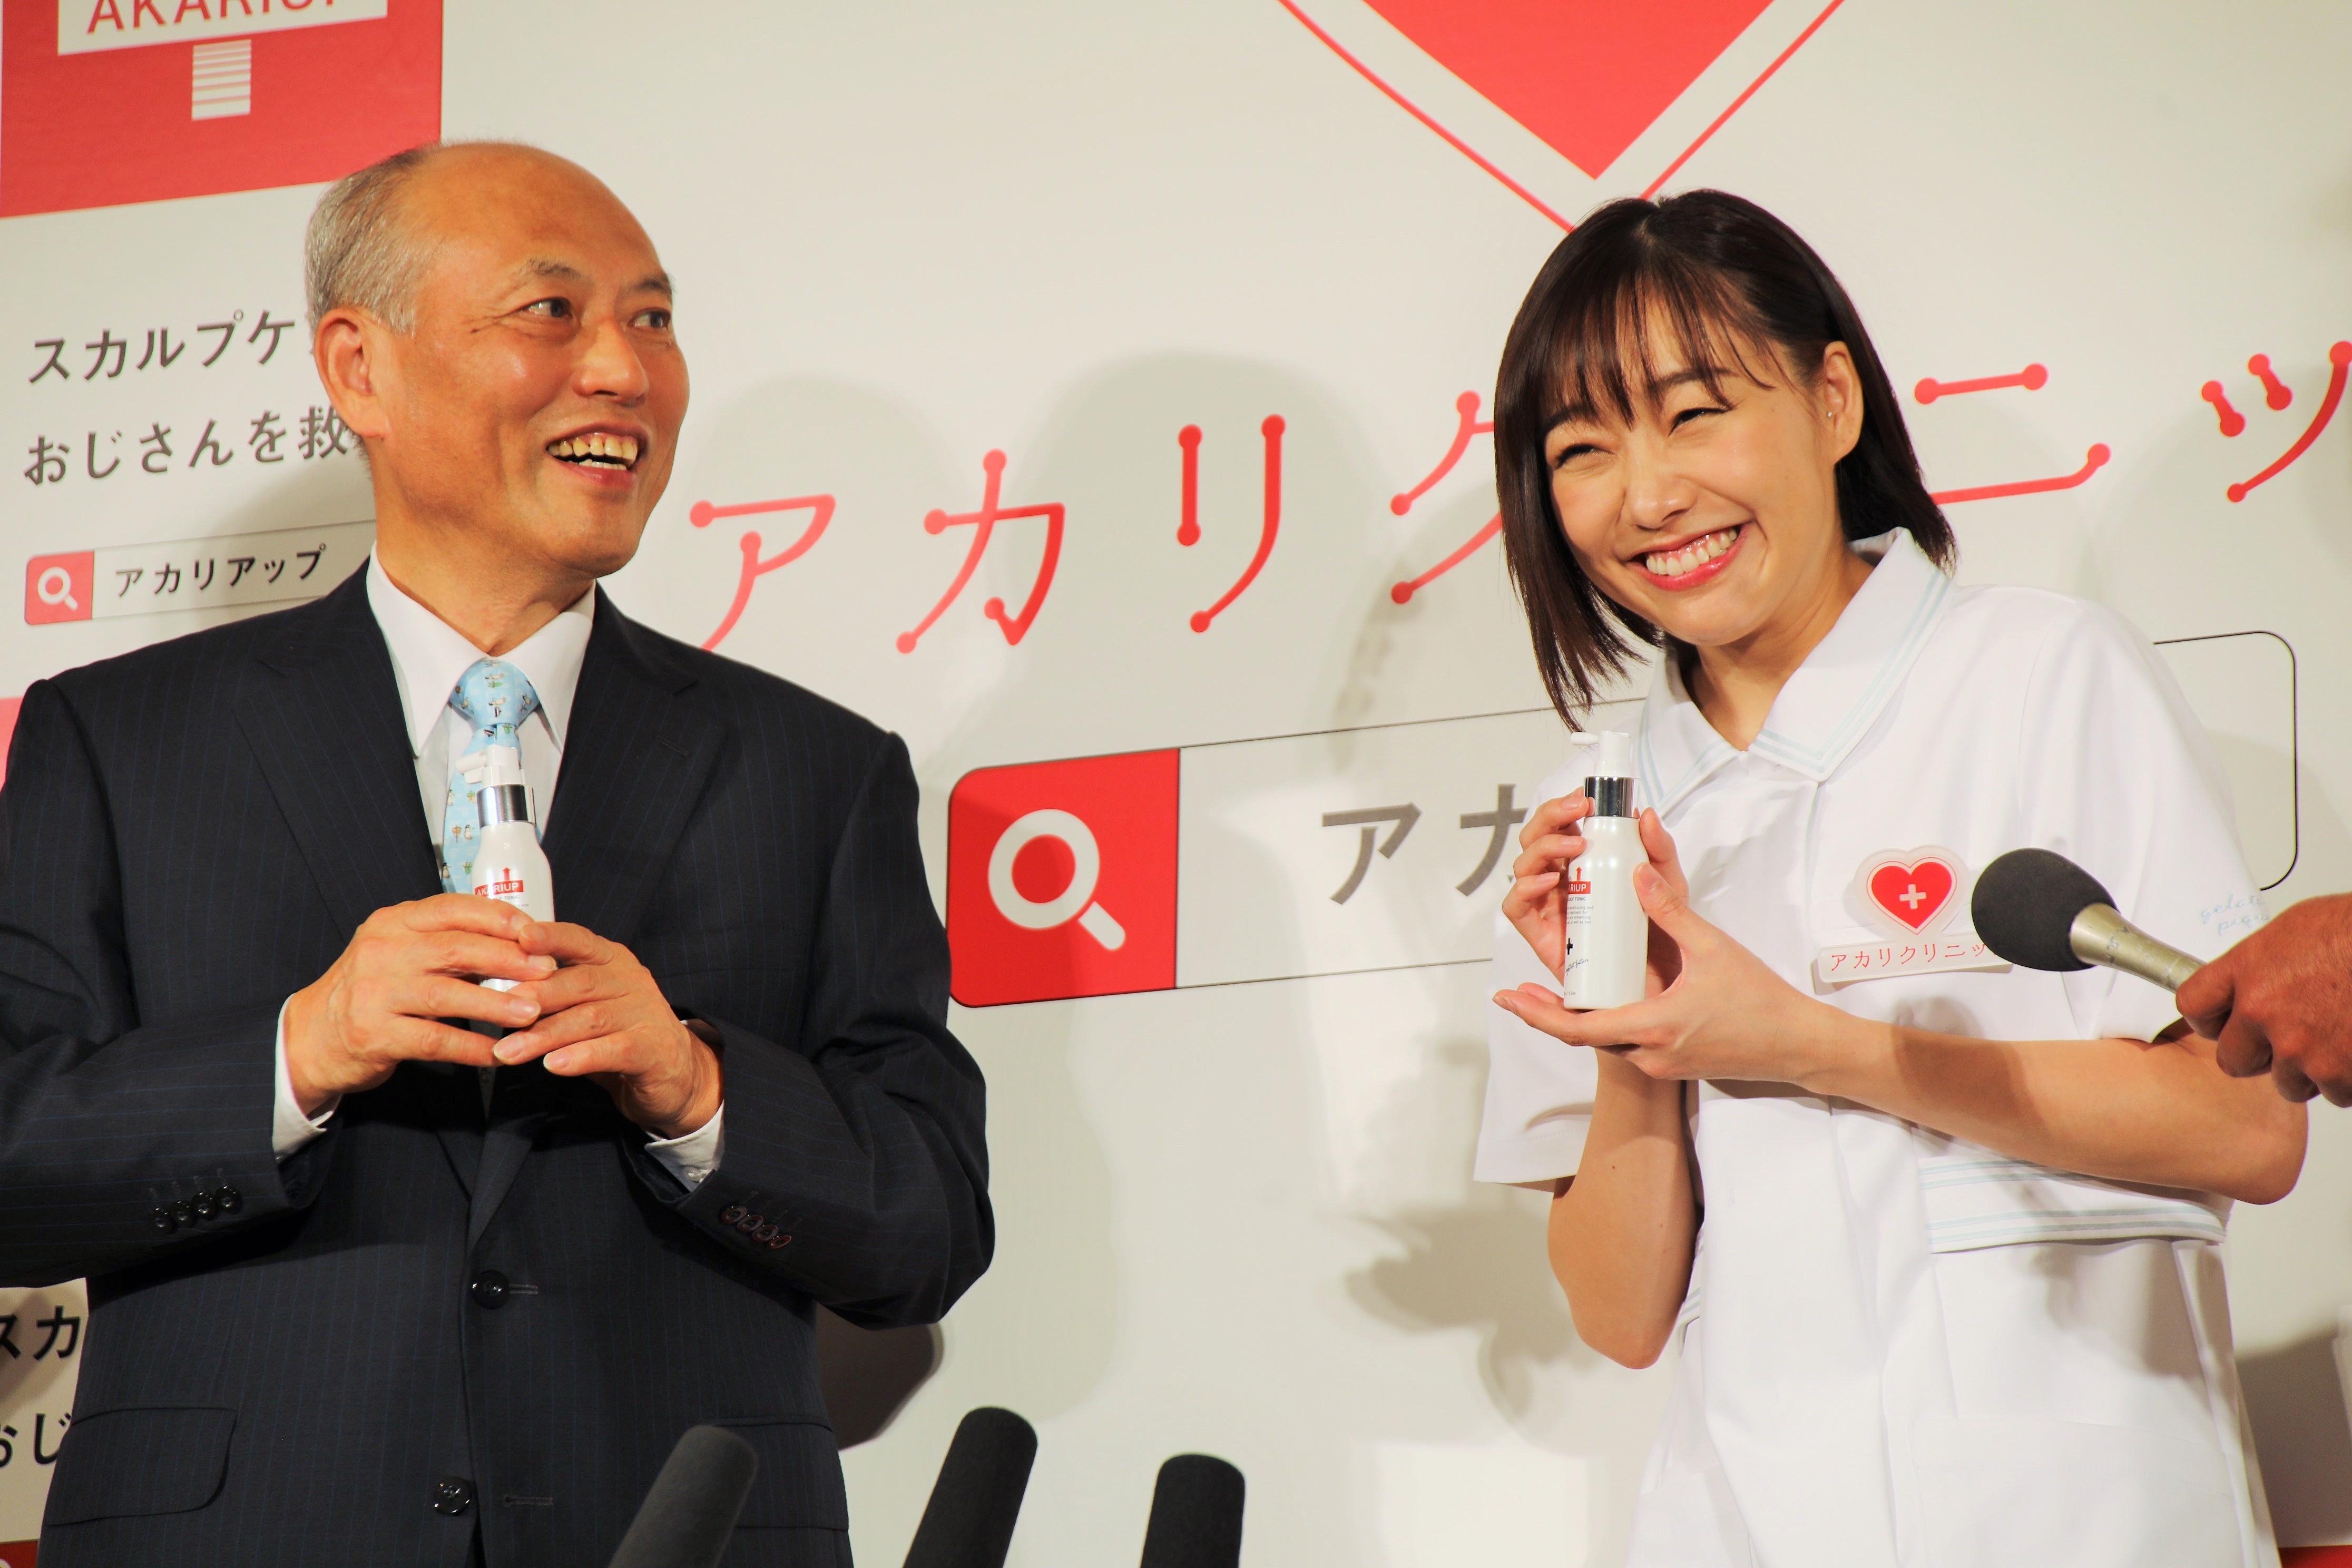 囲み取材での須田亜香里と舛添要一氏